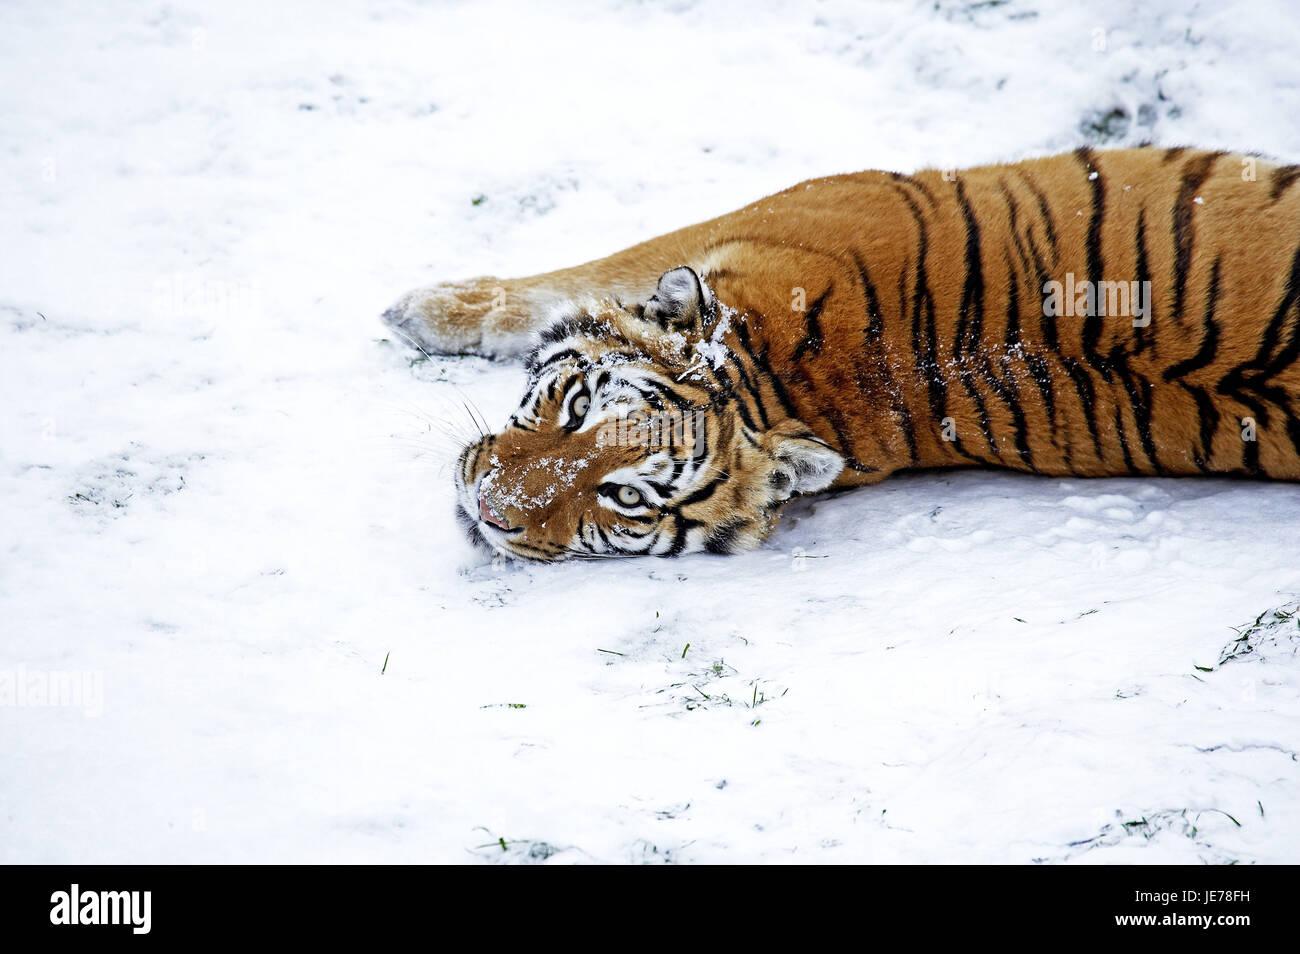 Los tigres siberianos, Panthera tigris altaica, también Amur, tigre, animal adulto, soporte, nieve, Imagen De Stock